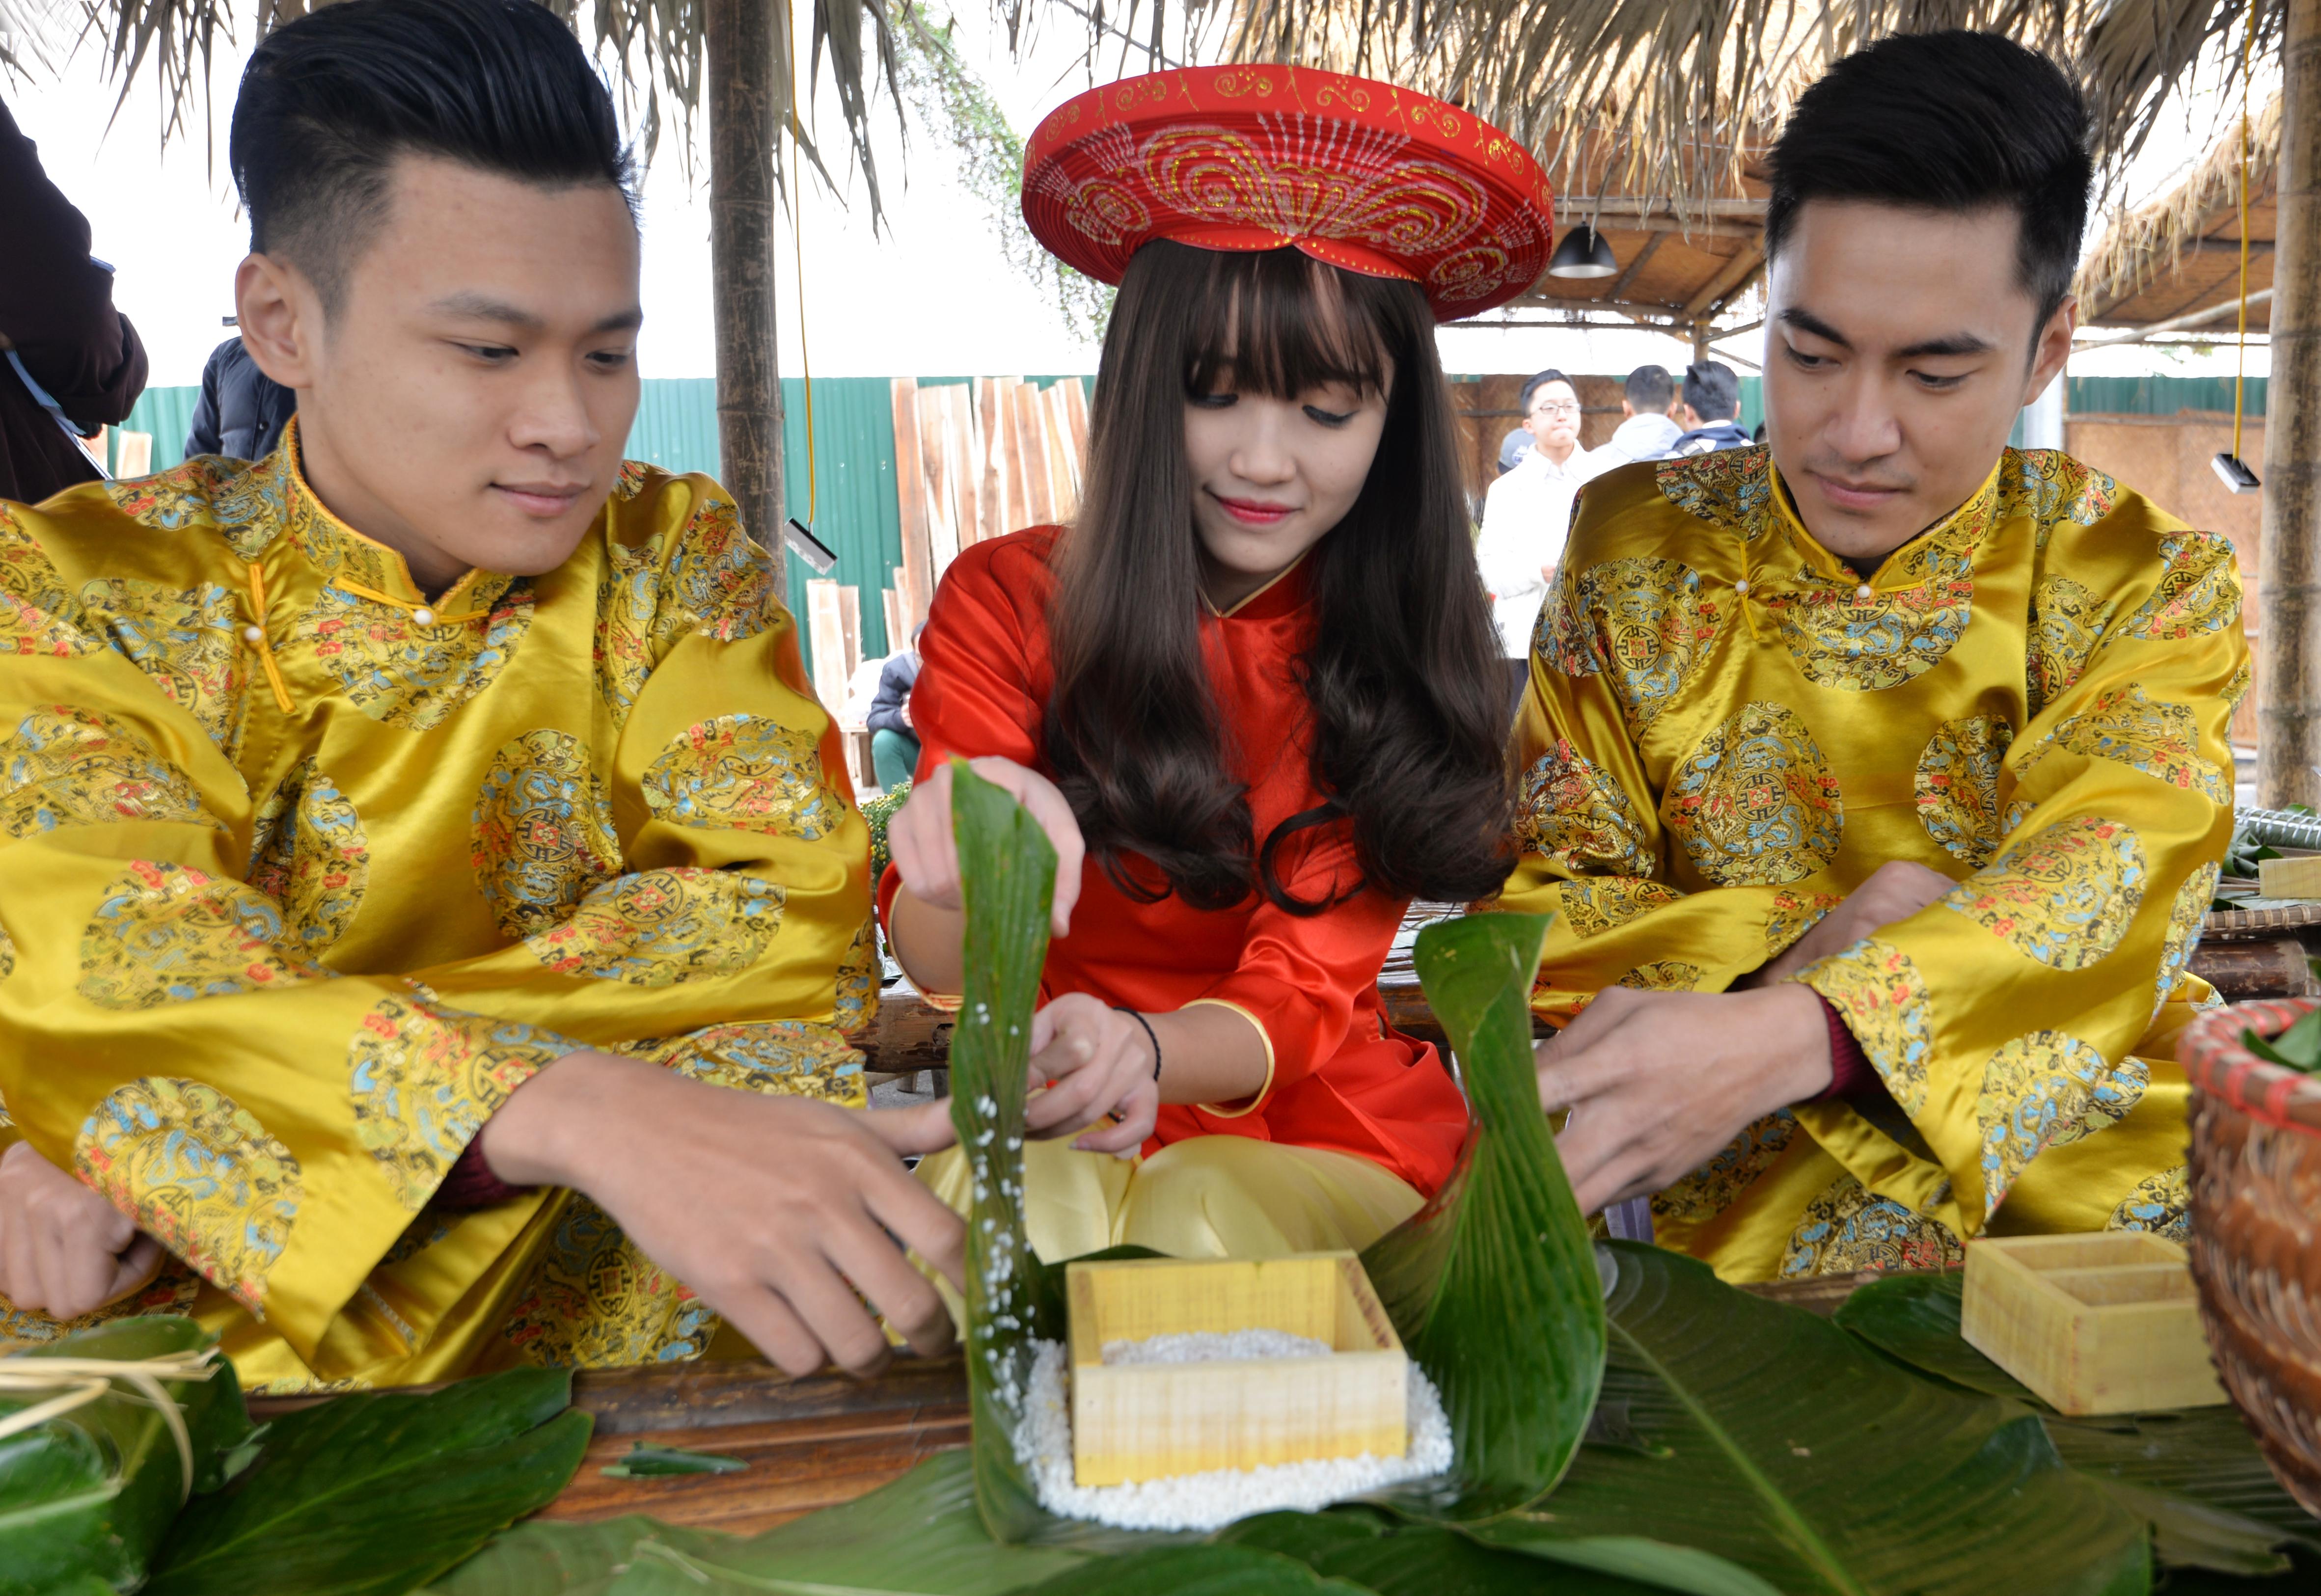 Giải trí - Phiên chợ Tết cổ truyền giữa lòng Thủ đô Hà Nội